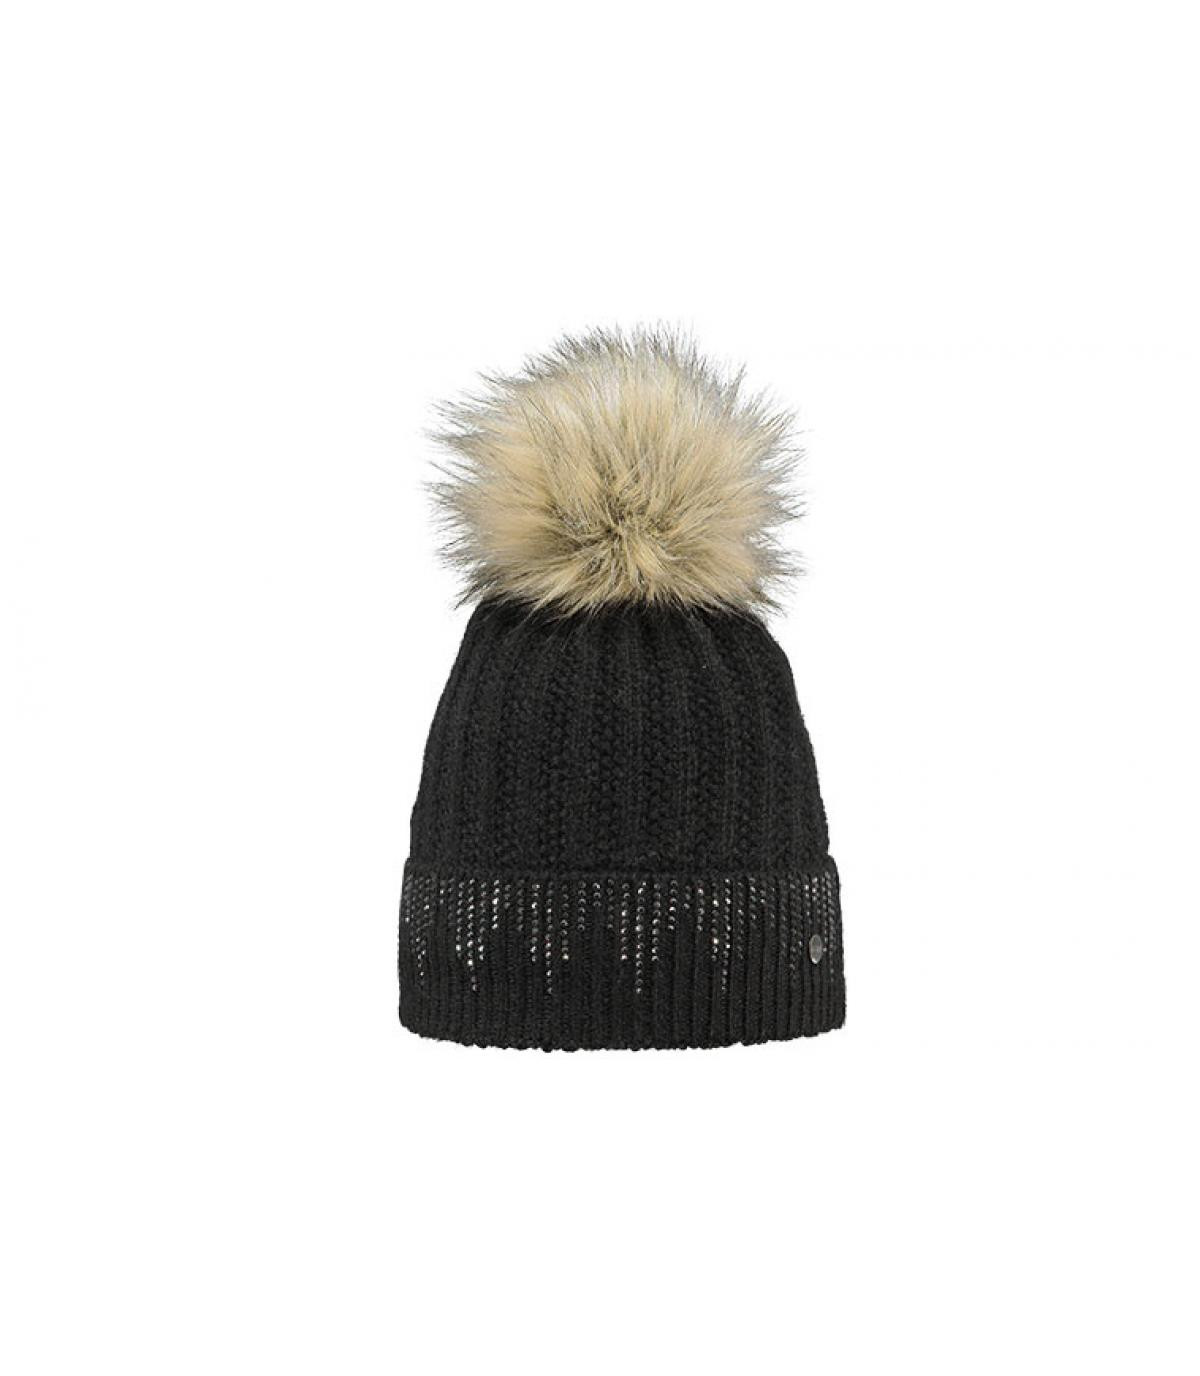 5a7c0346893 Black faux fur pom beanie - Marigold beanie black by Barts. Headict